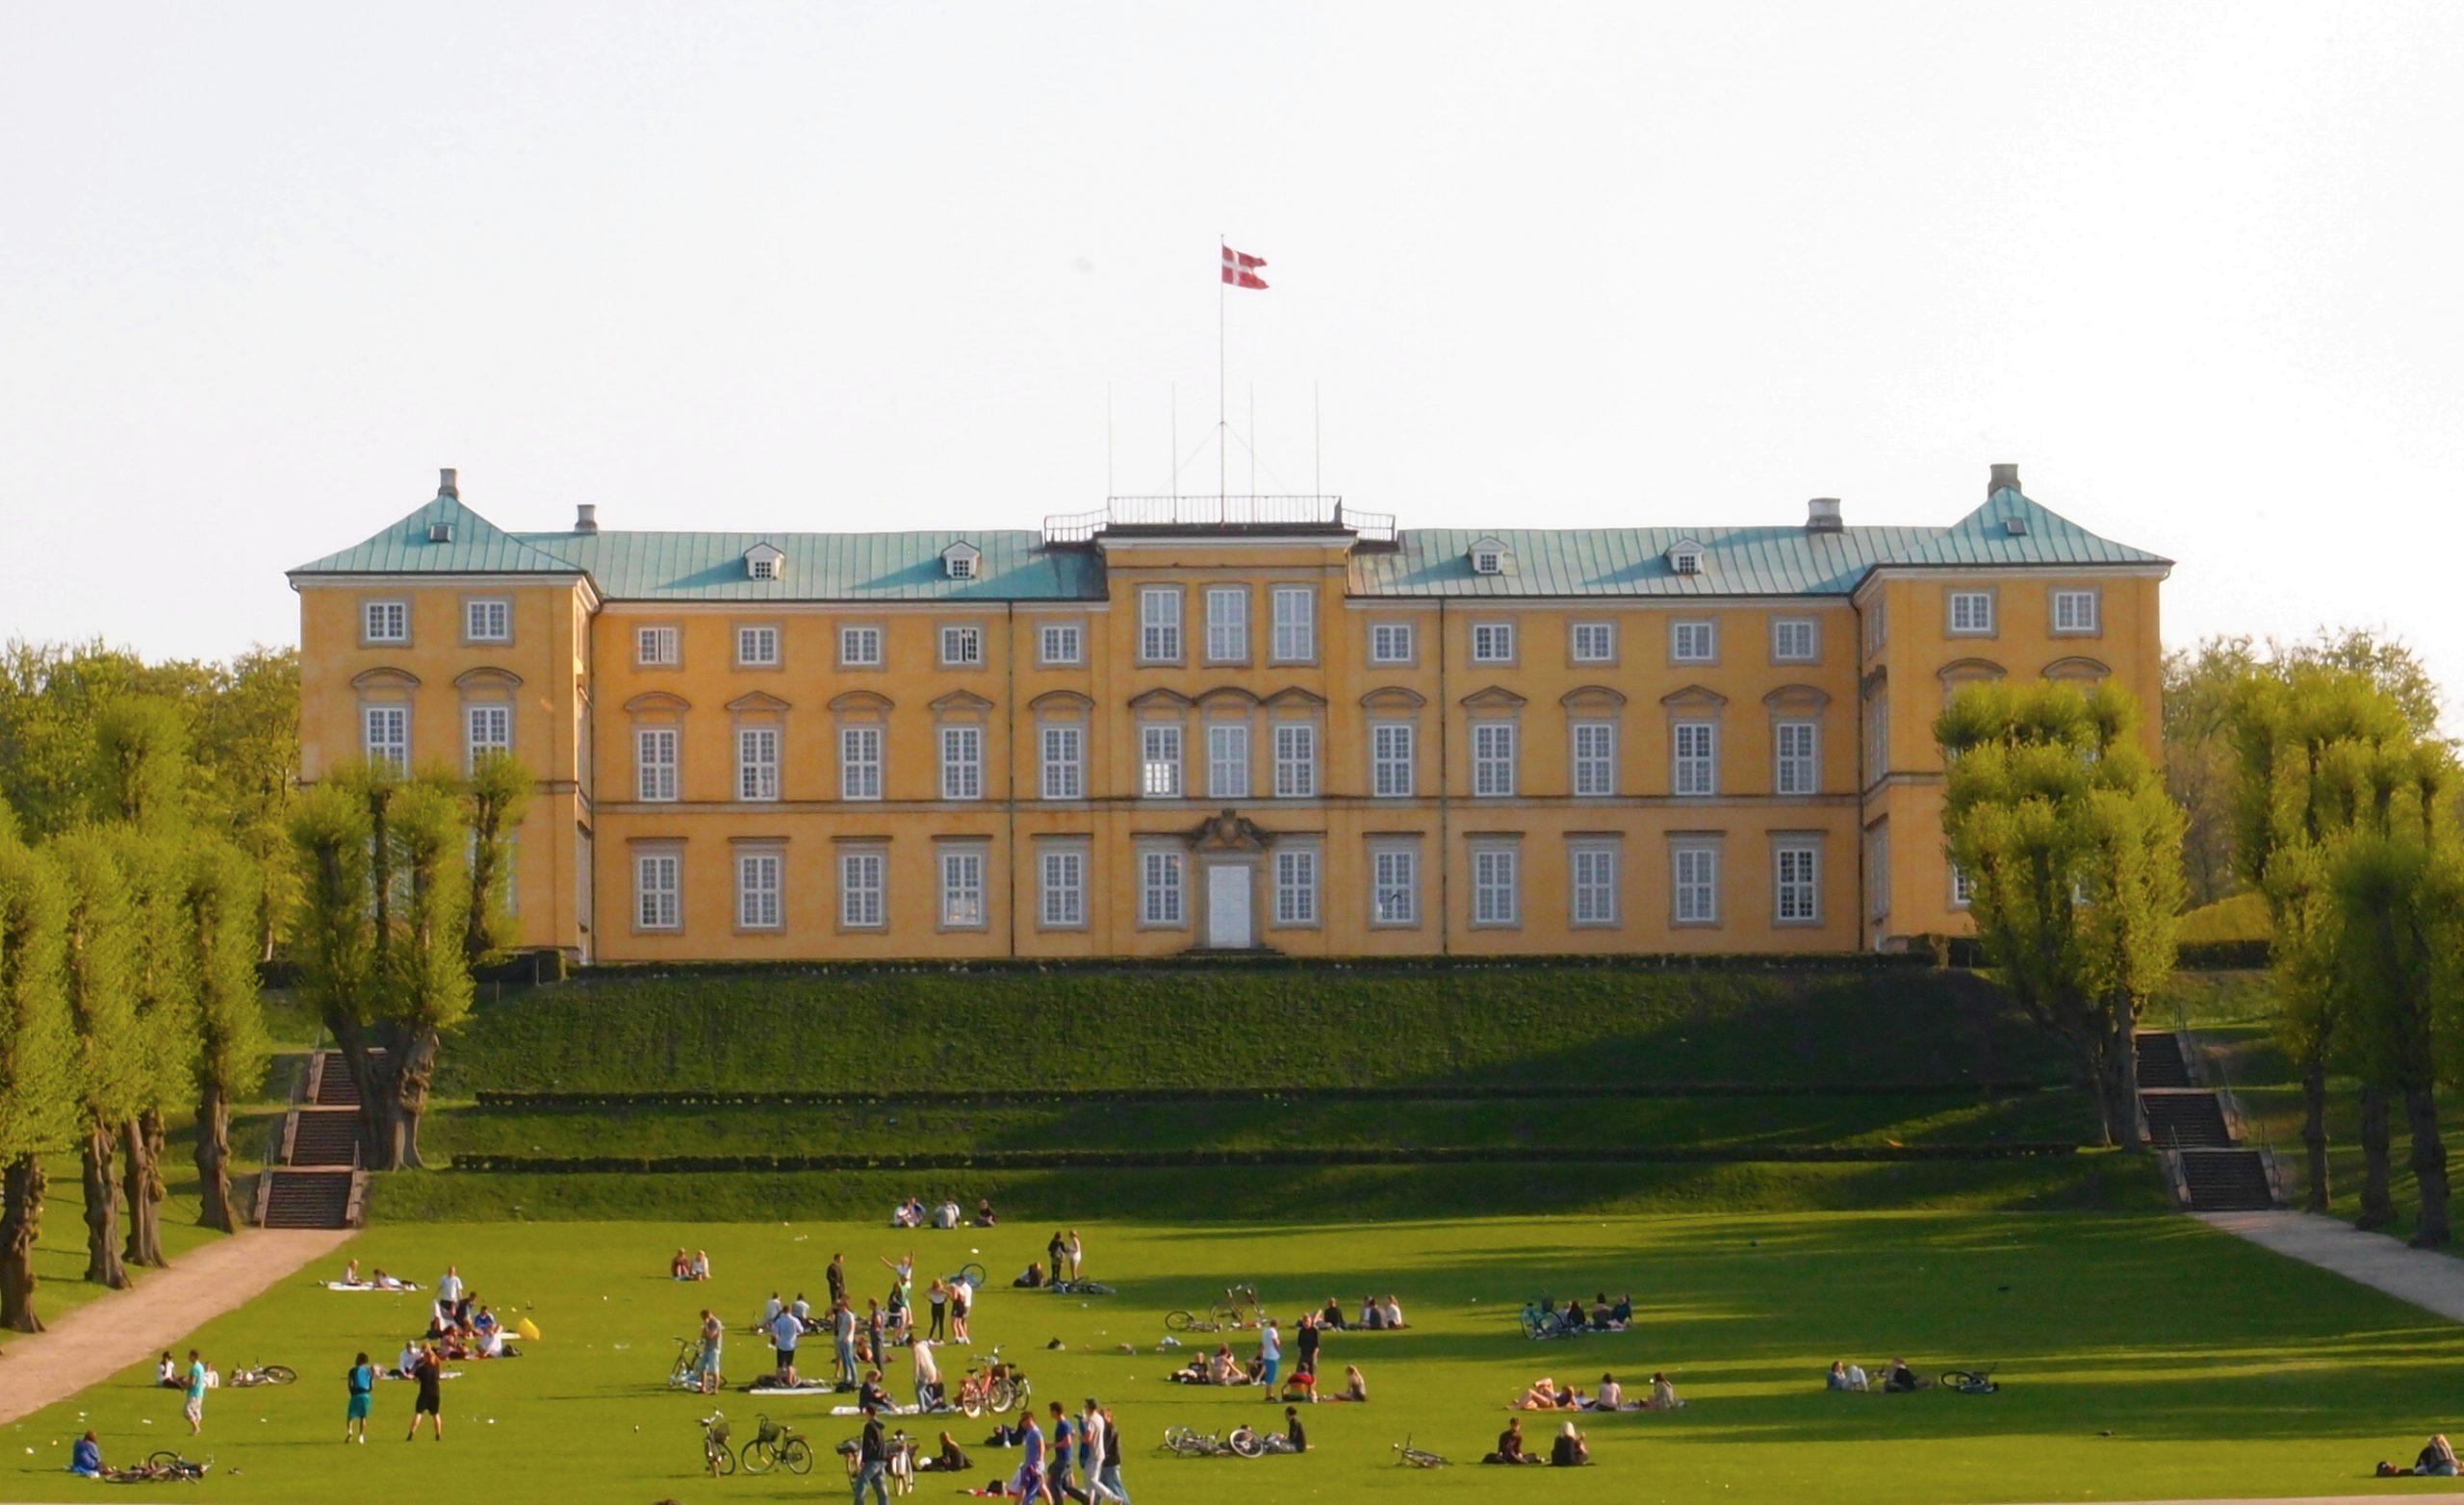 Frederiksberg Palace - Popular Tourist Destinations in Copenhagen